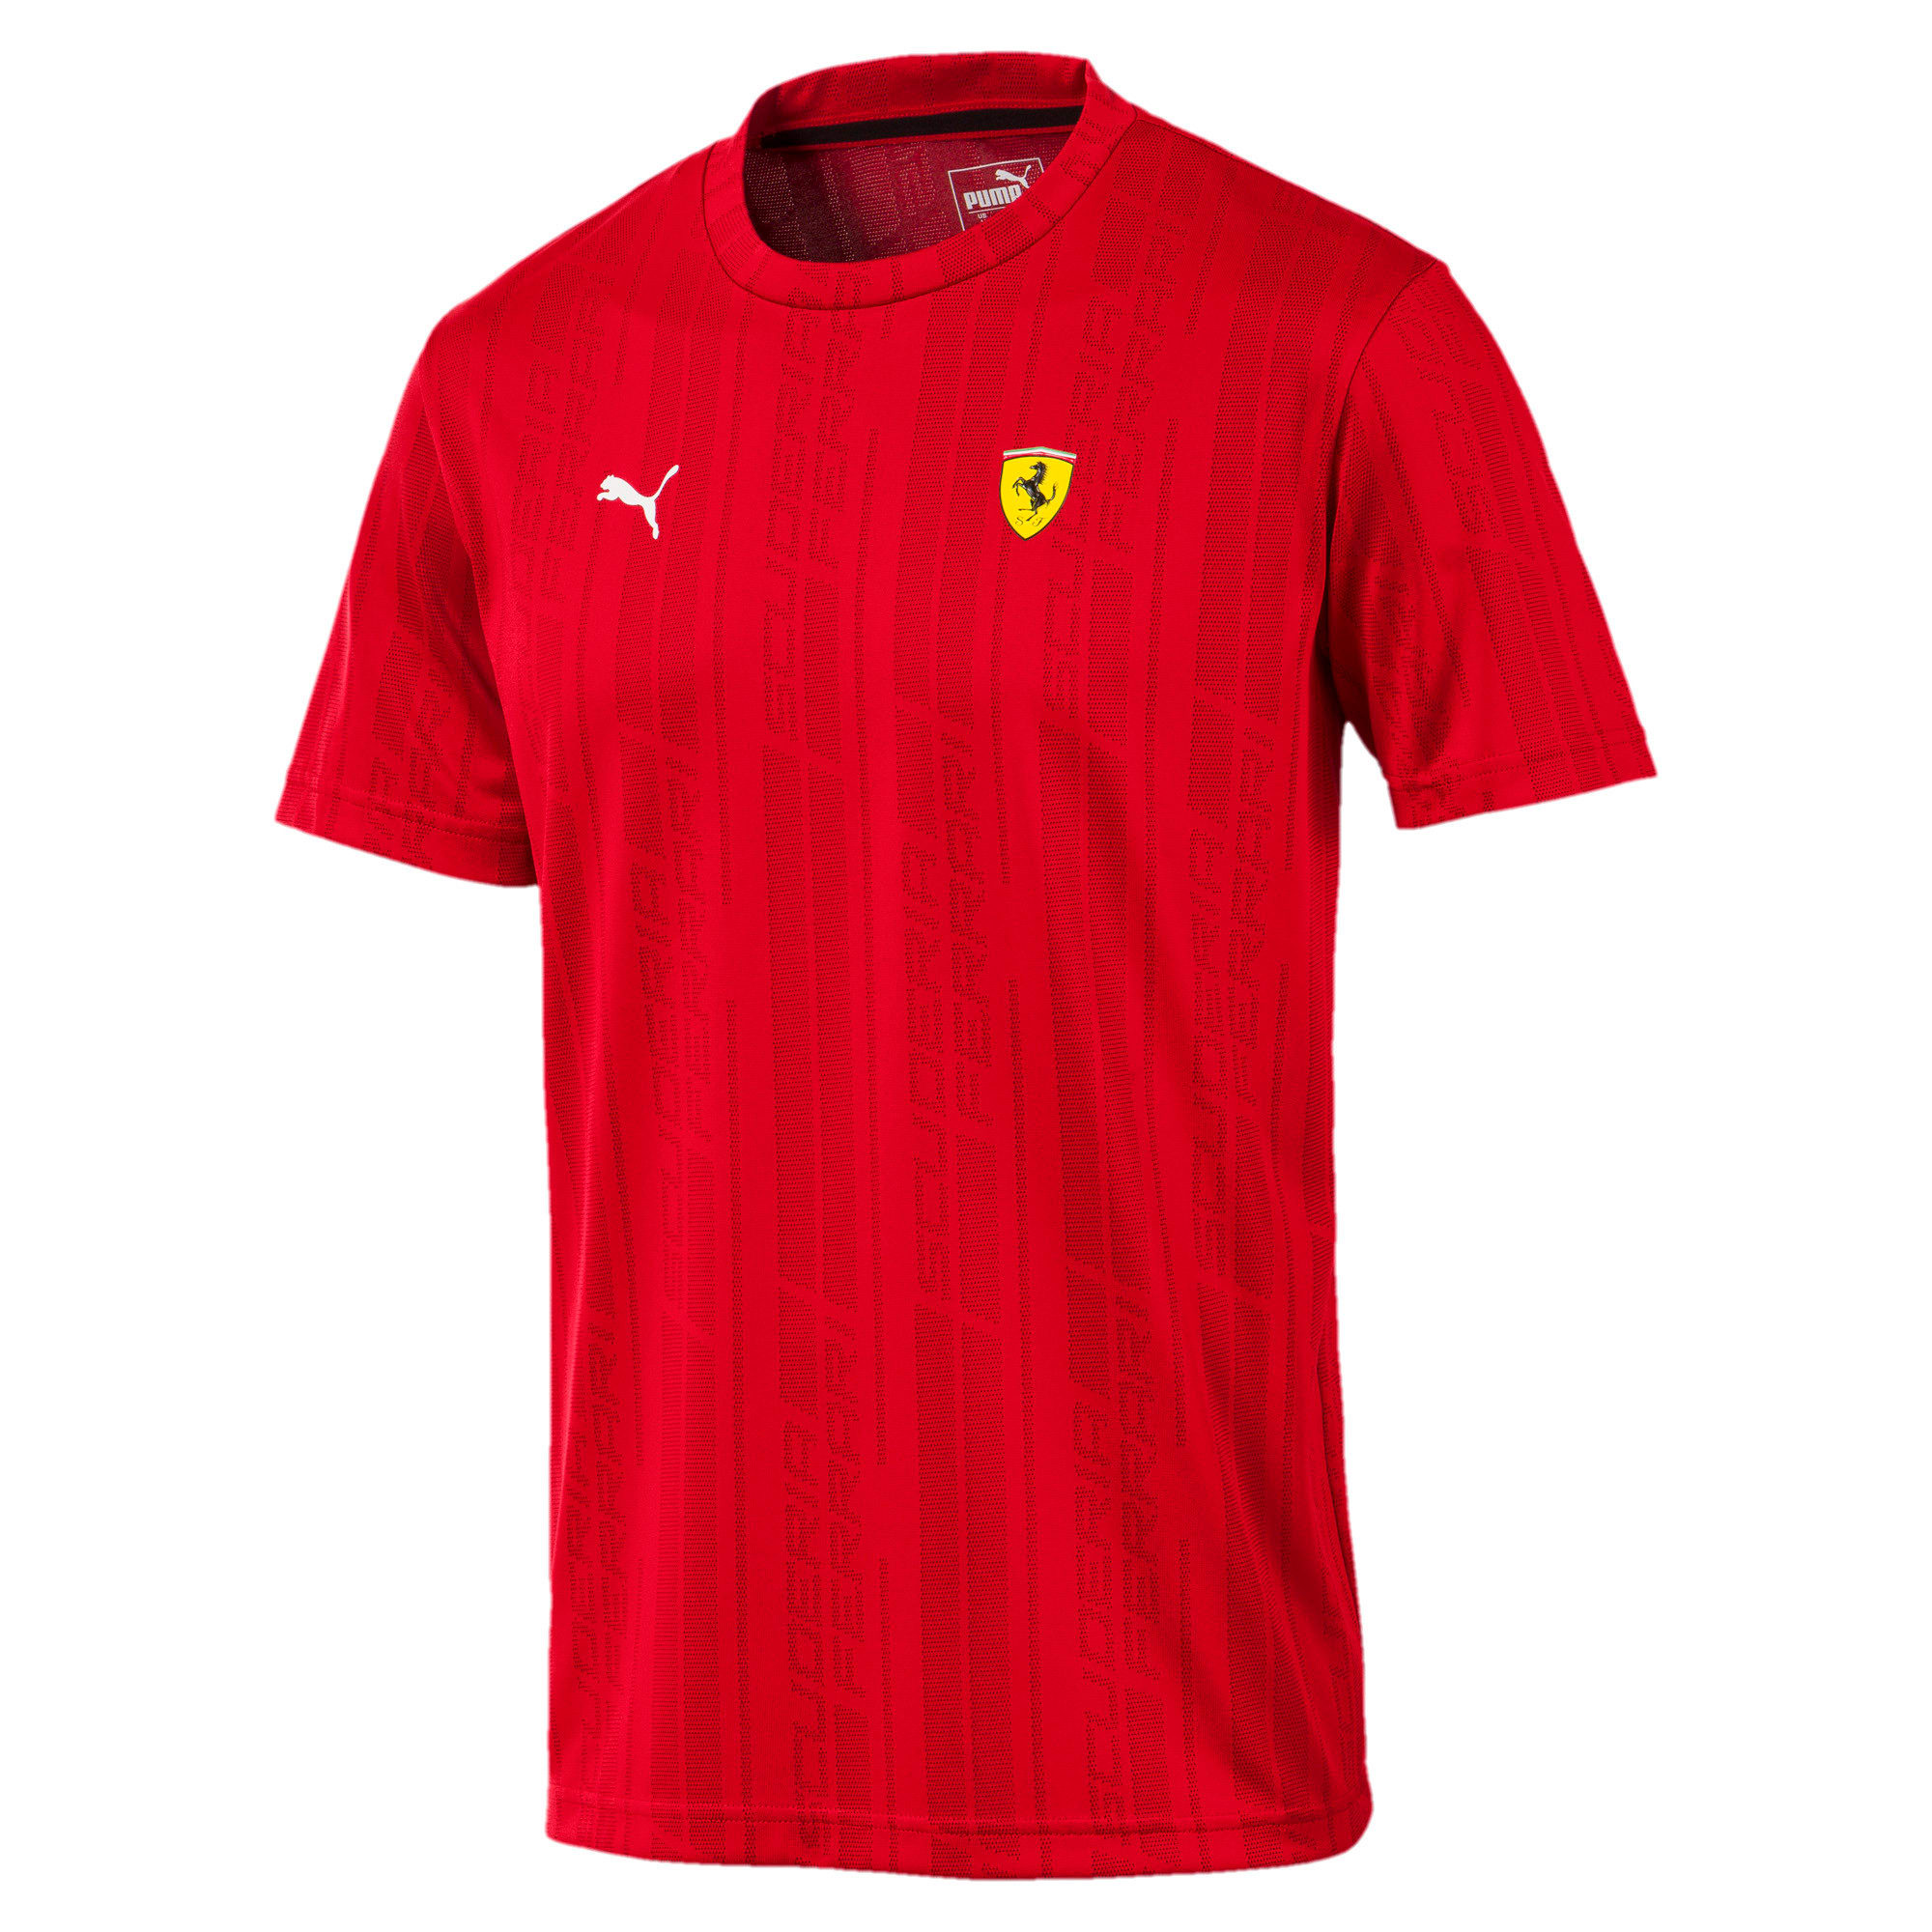 Thumbnail 1 of Ferrari Men's Jacquard T-Shirt, Rosso Corsa, medium